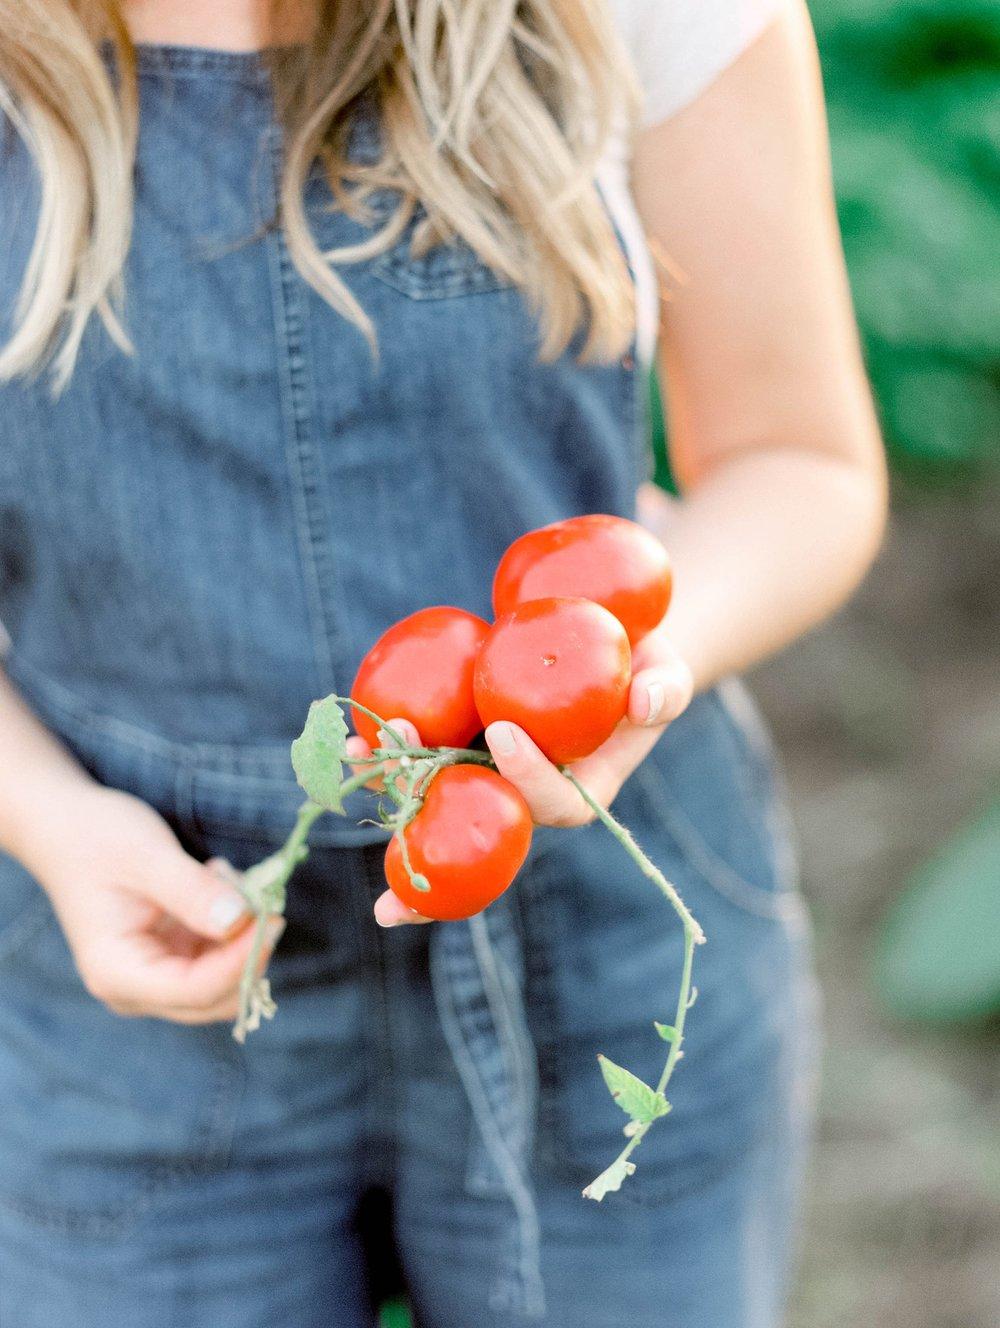 vegetablegardenmorganworley_0013.jpg